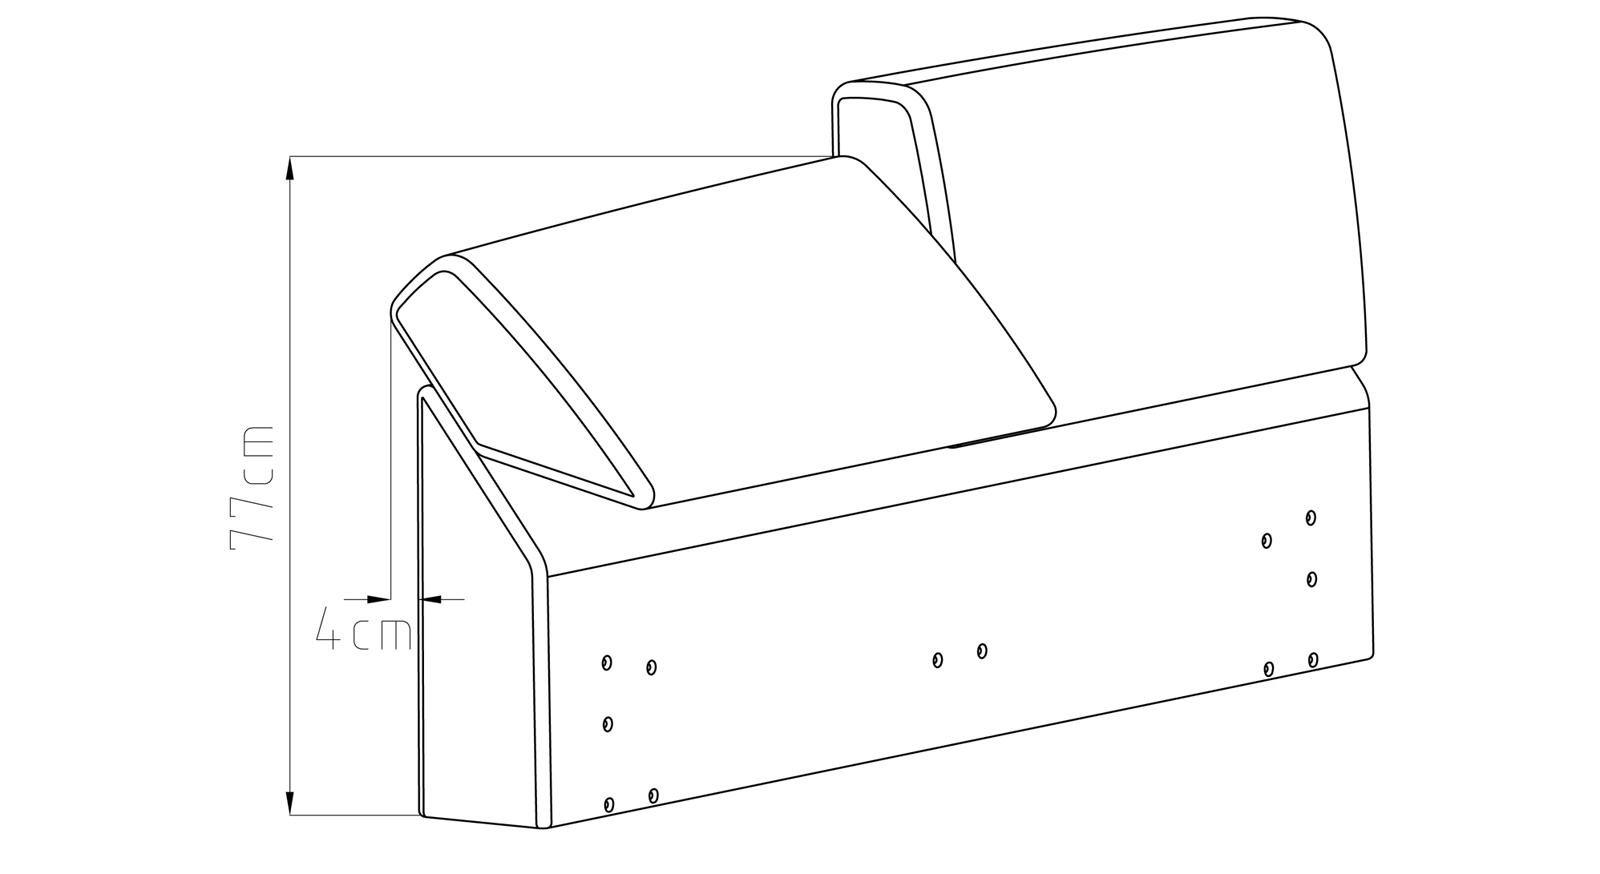 Zeichnung des verstellbarem Kopfteil vom Bett